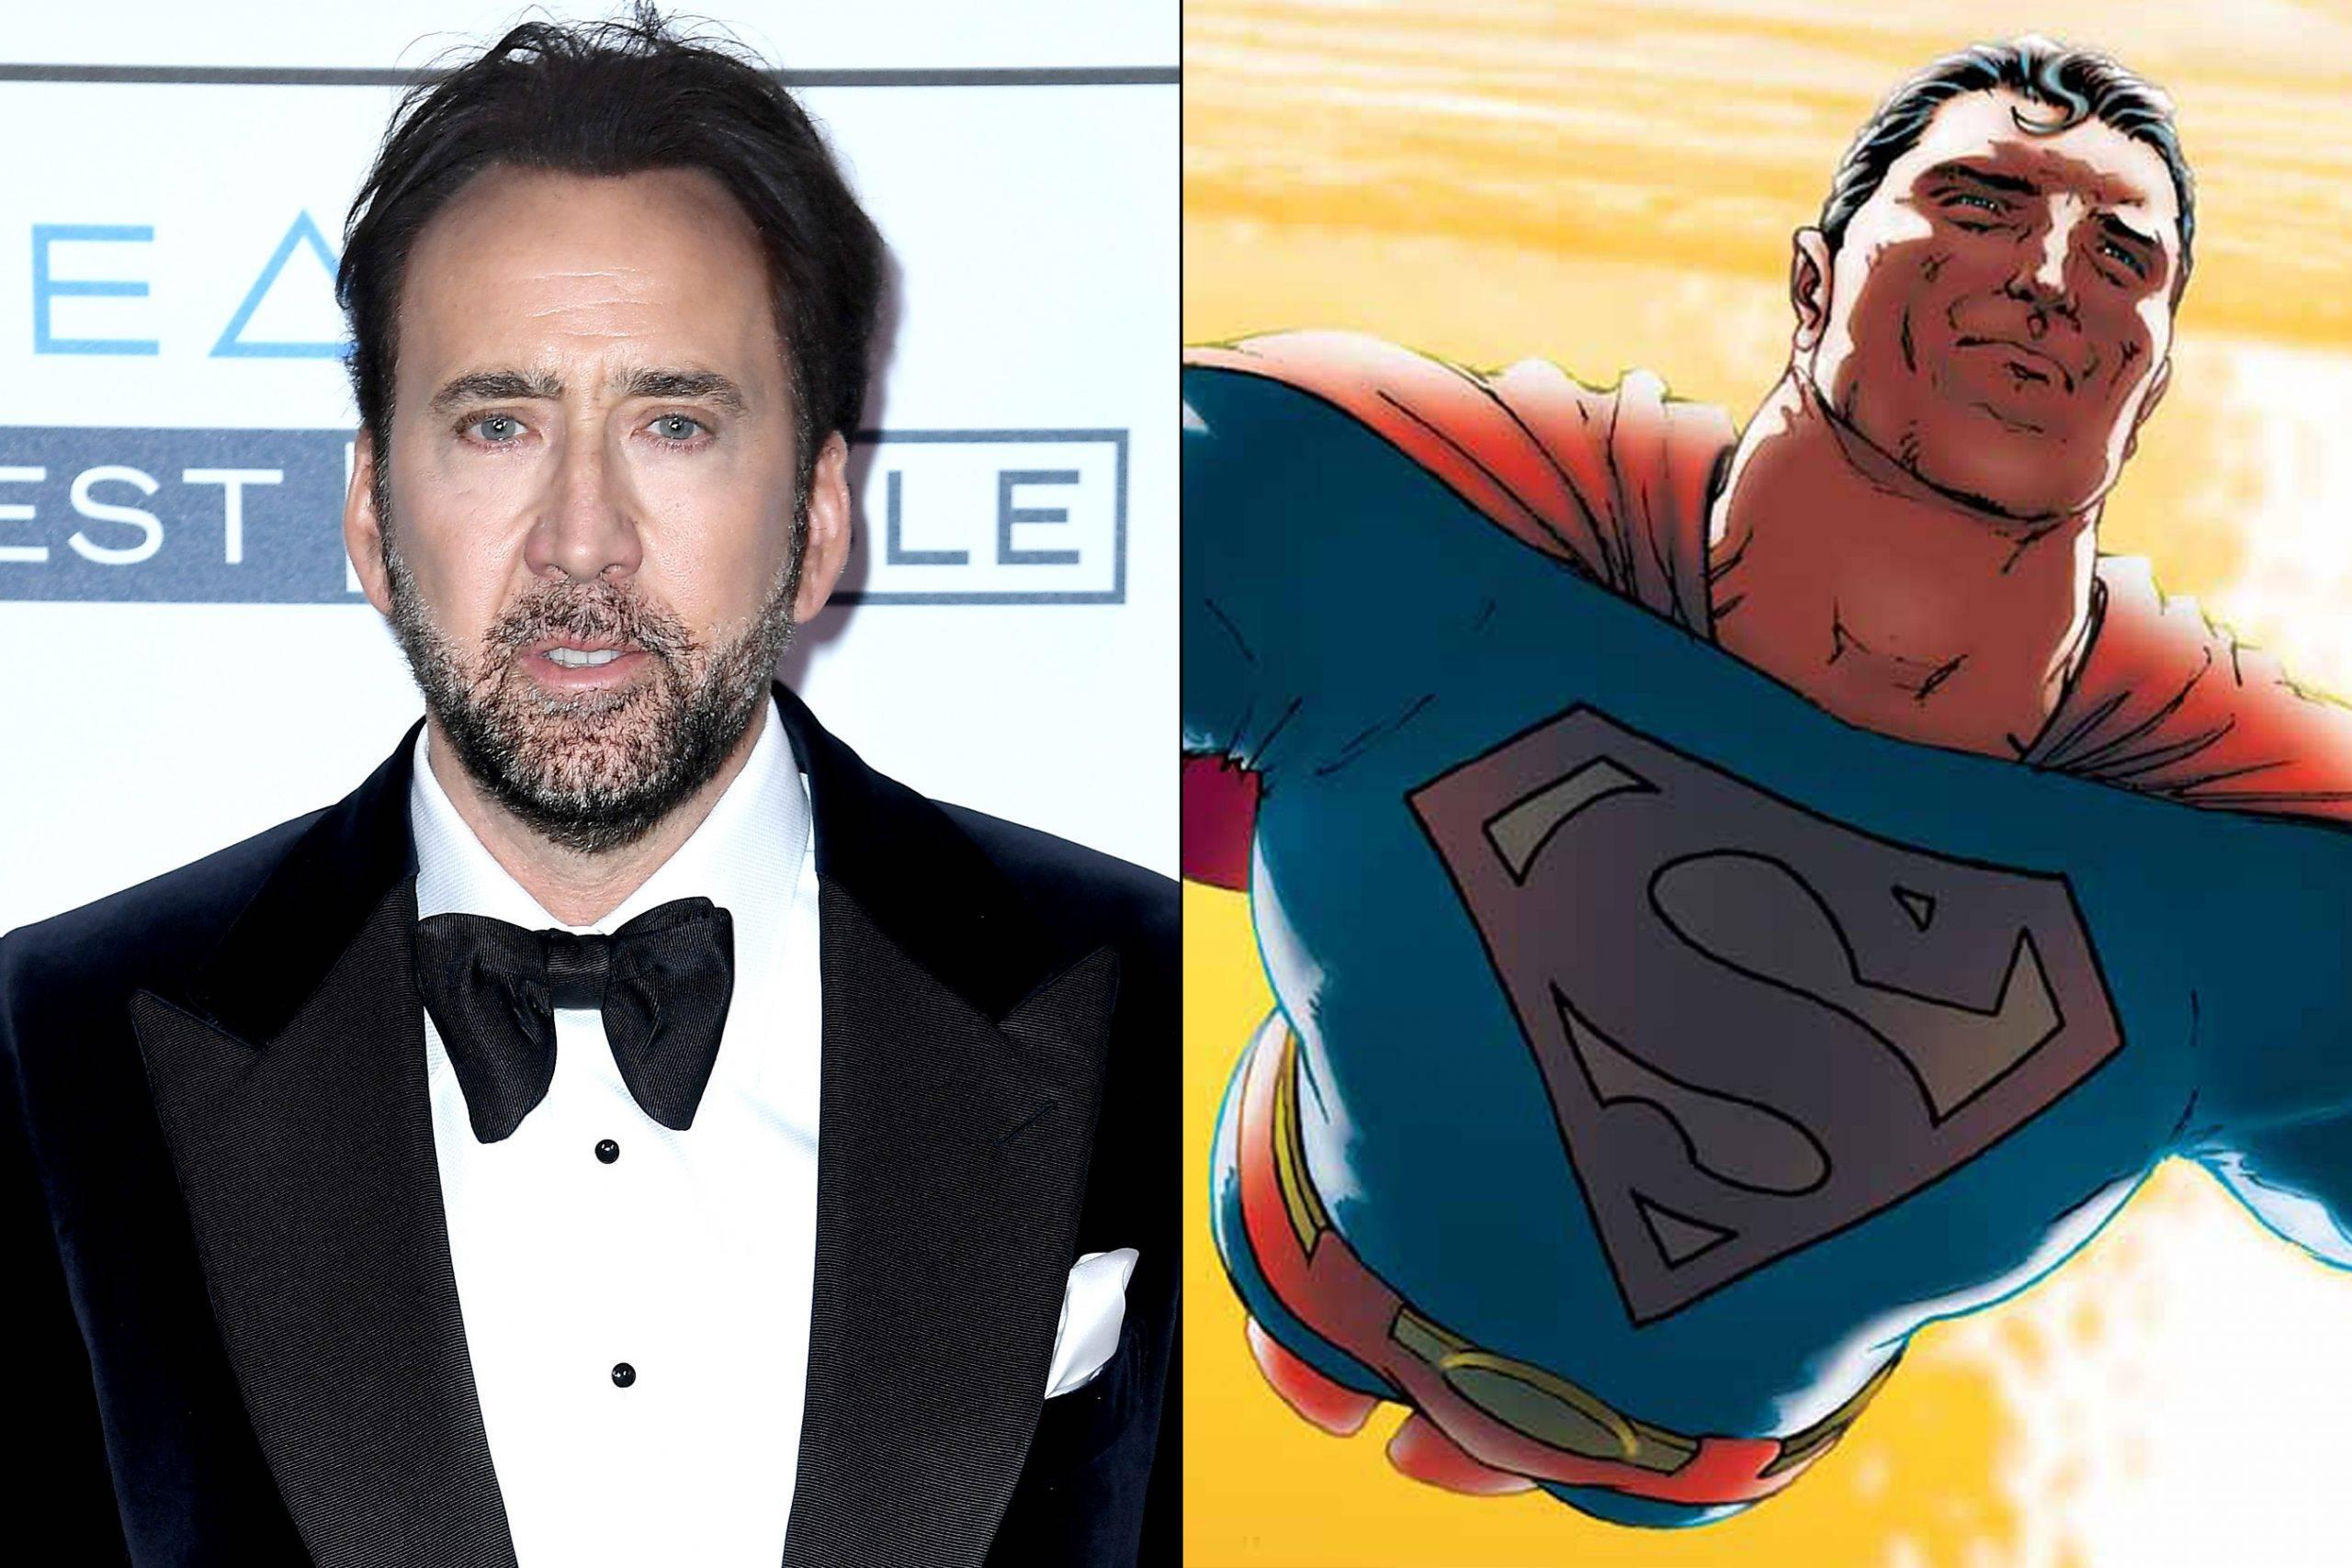 Николас Кейдж рассказал подробности о так и не снятом фильме про Супермена